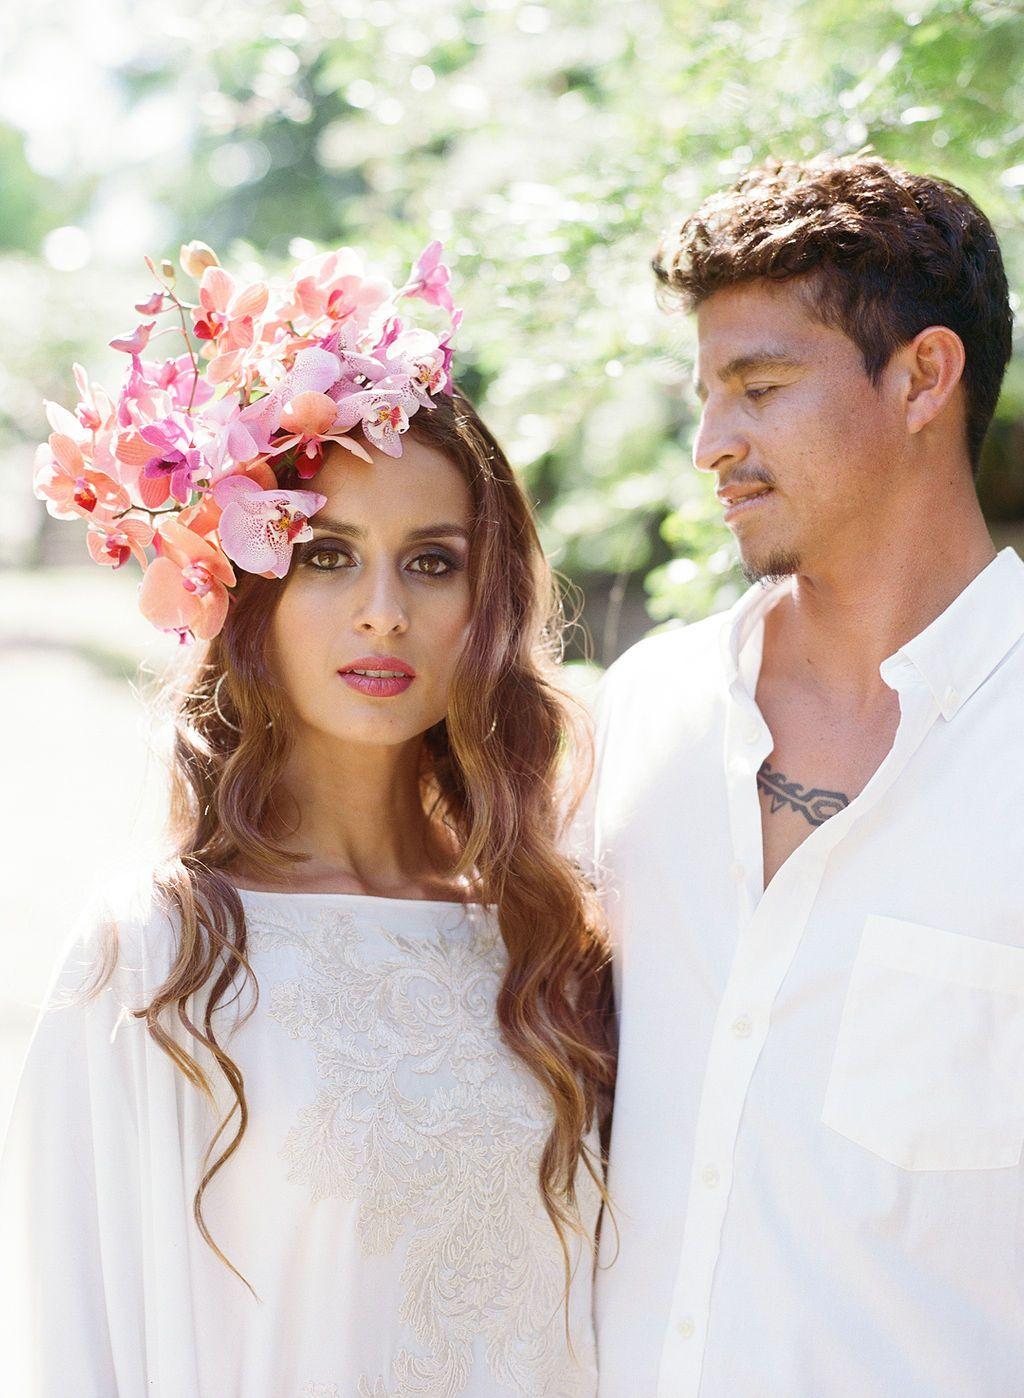 Bridal Headpiece Orchid Crown Statement Wedding Hair Style Long Down In 2020 Tropical Beach Wedding Wedding Beach Wedding